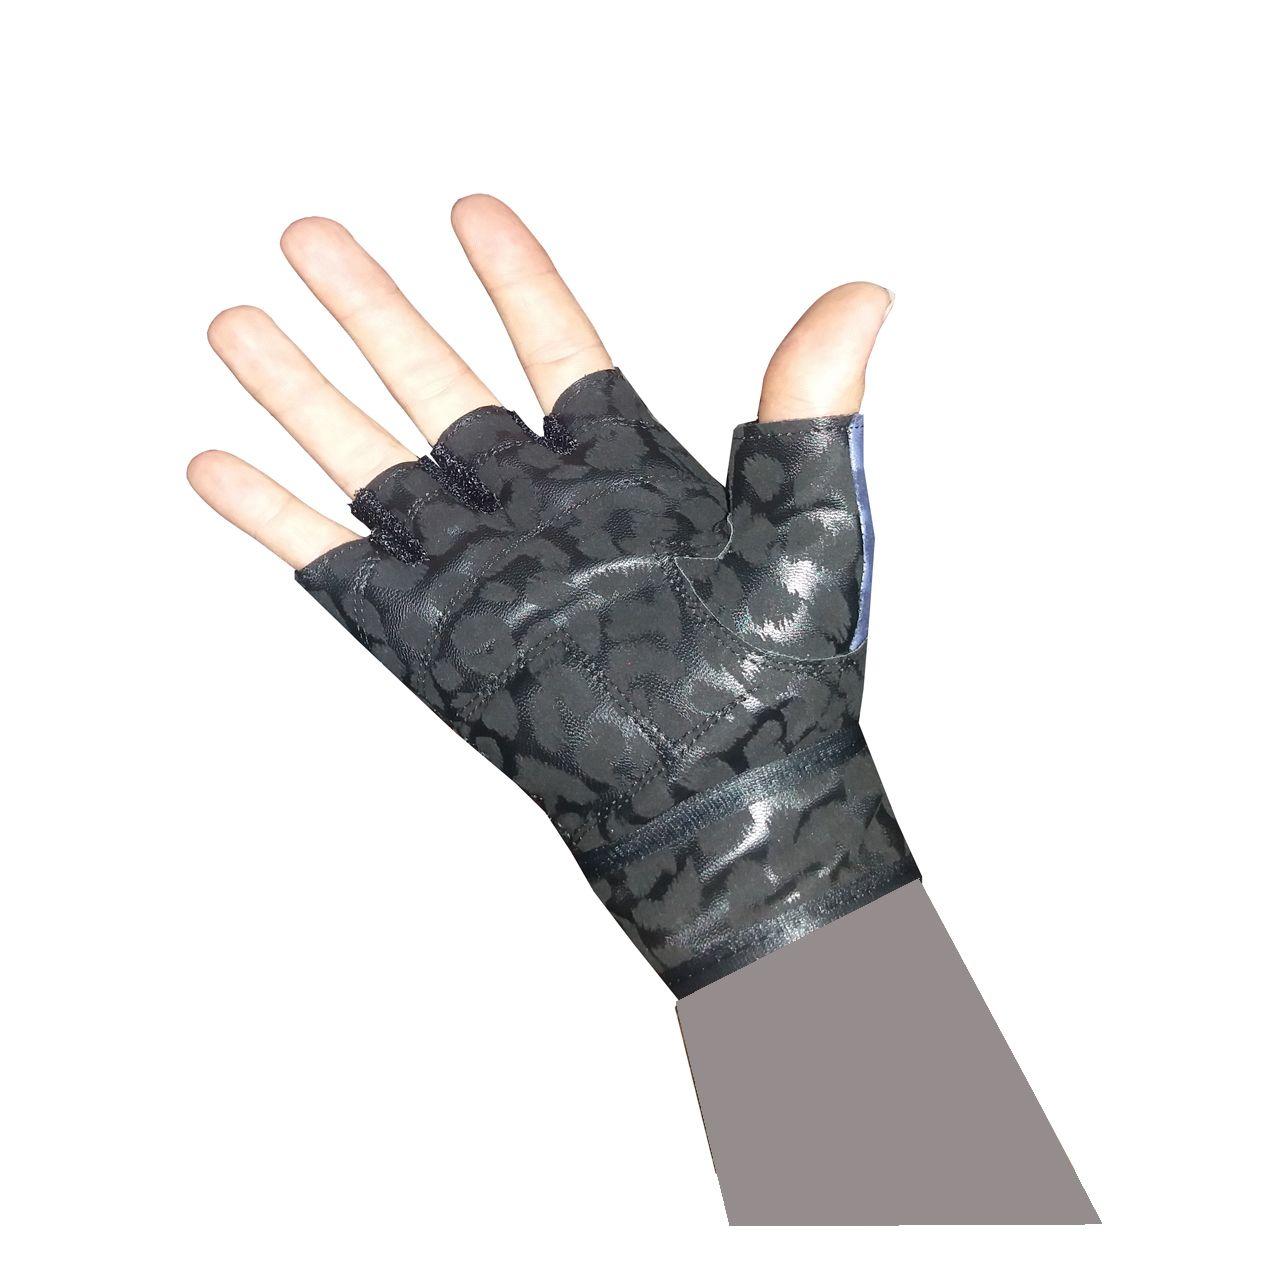 دستکش بدنسازی زنانه مدل اسپرت360 main 1 2